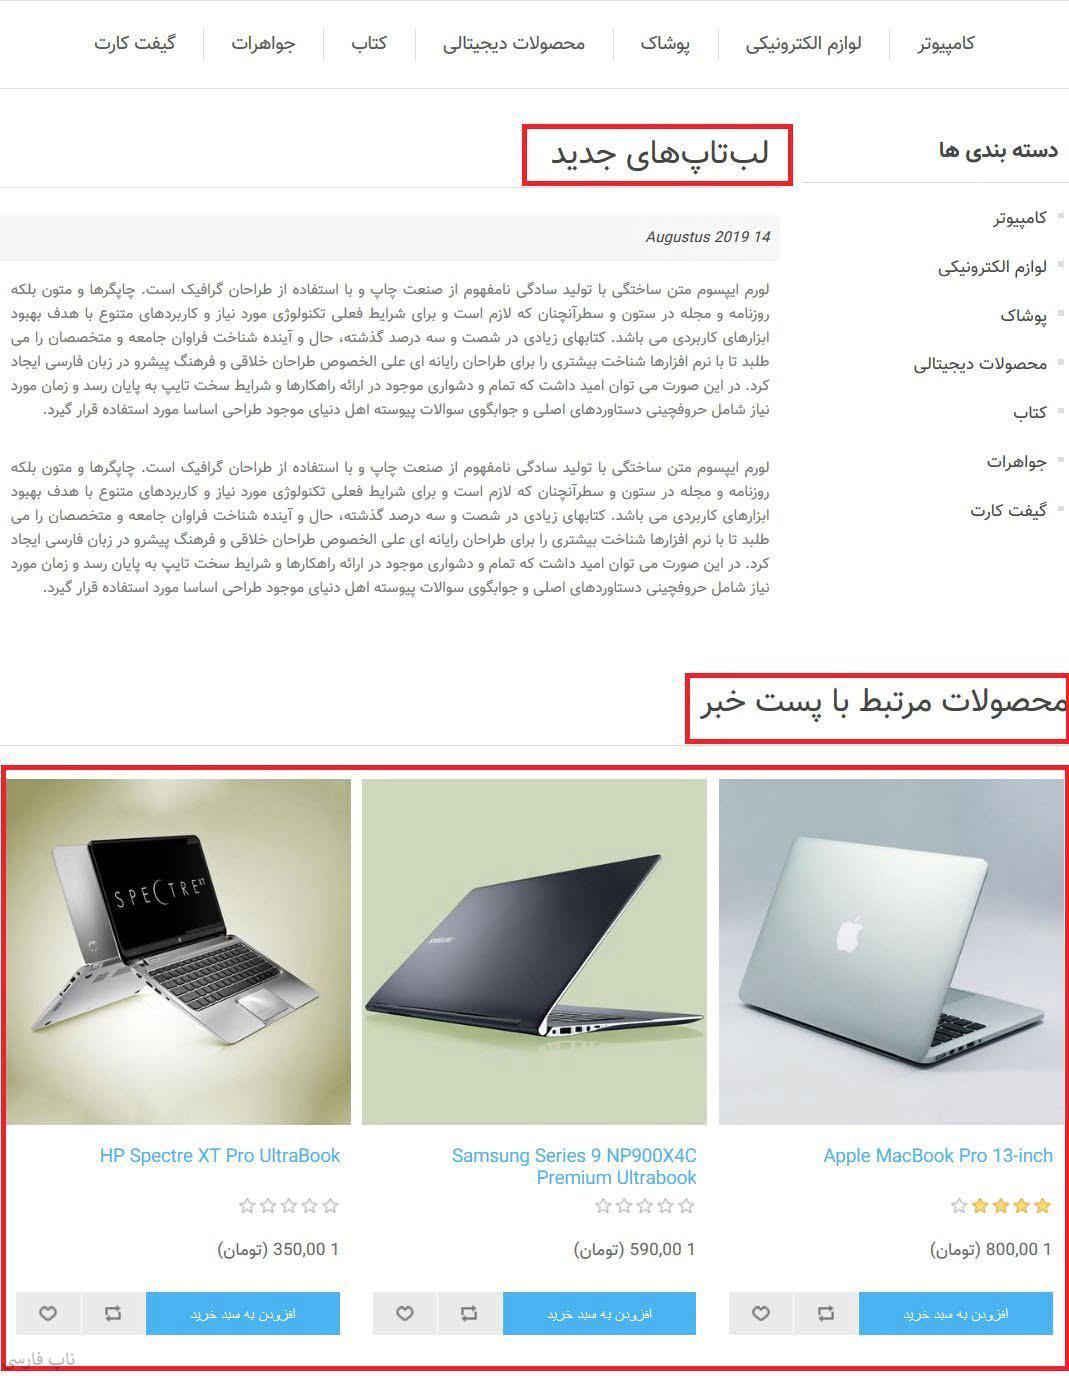 افزونه نمایش محصولات مرتبط وبلاگ و اخبار - اخبار